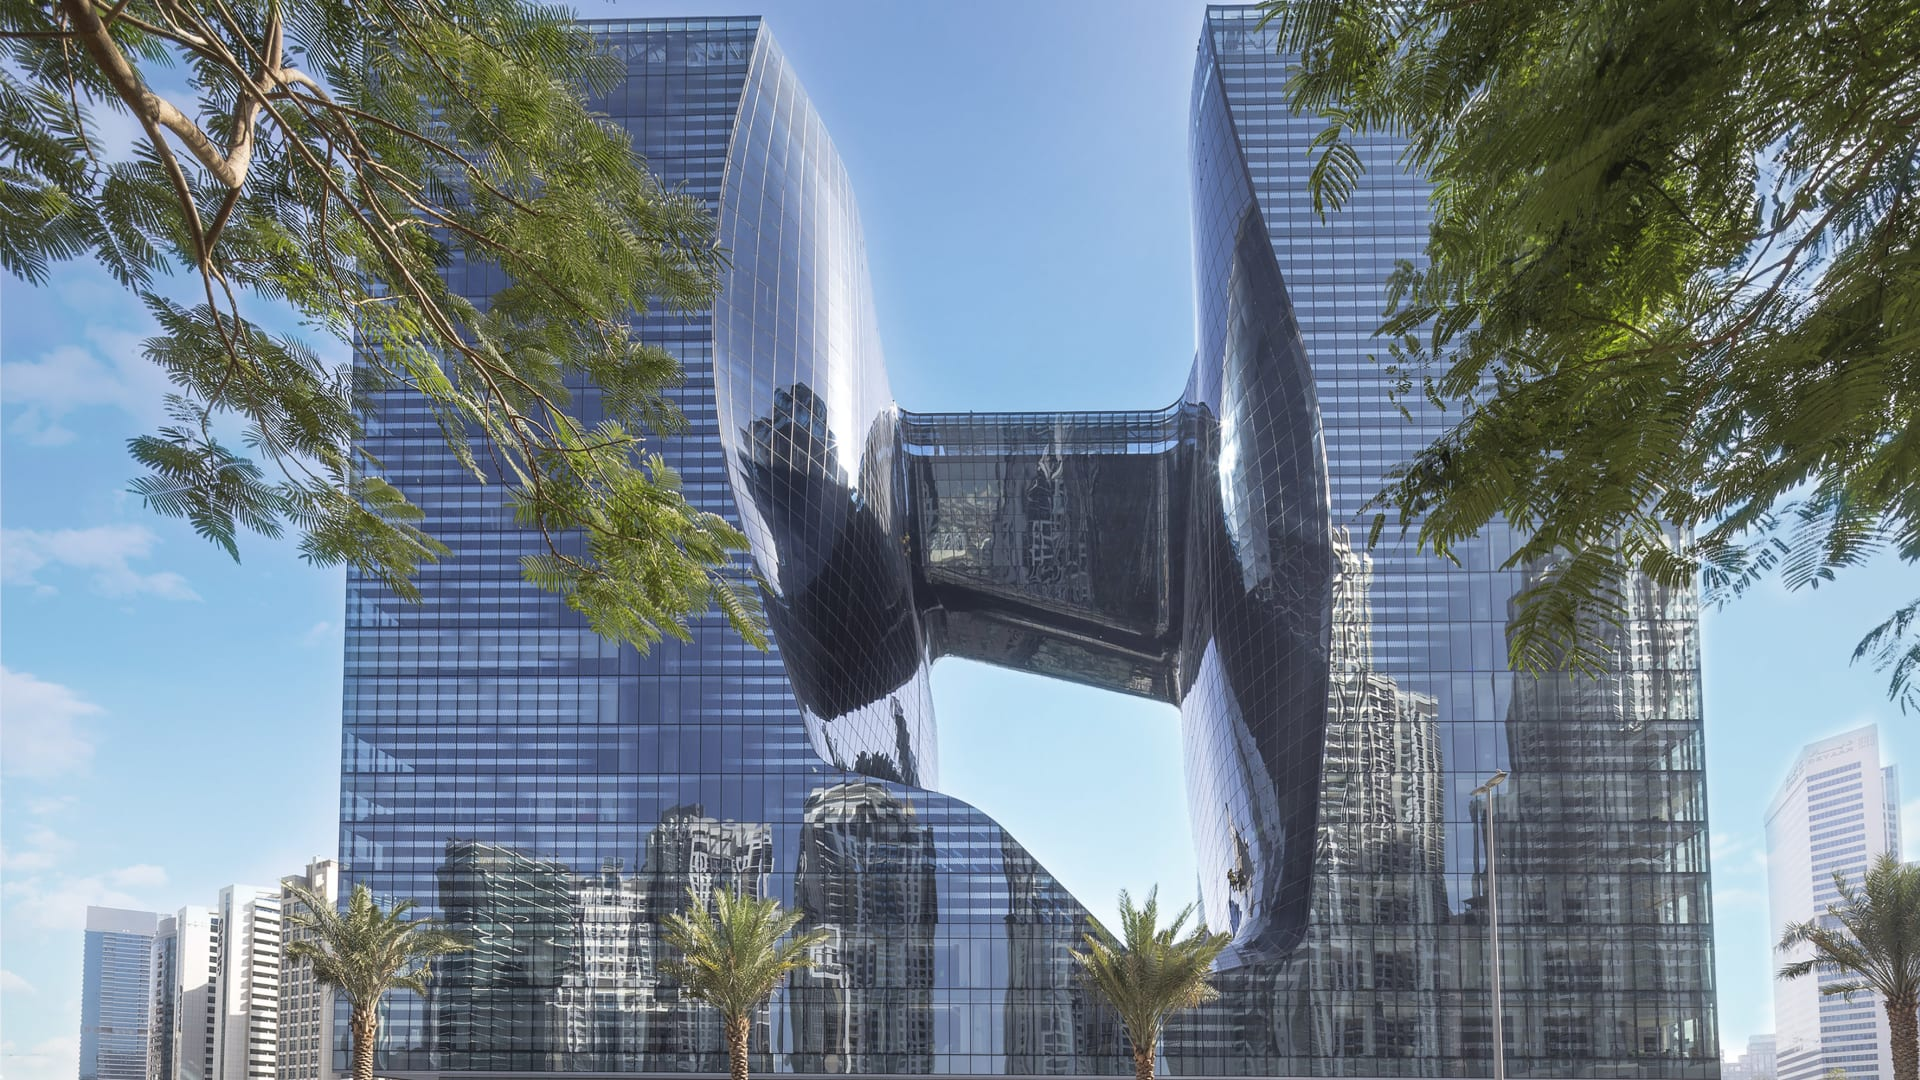 """فندق في دبي يطلق """"الباقة الفندقية الأكثر تكلفةً في العالم"""" للاحتفال بالعام الجديد"""